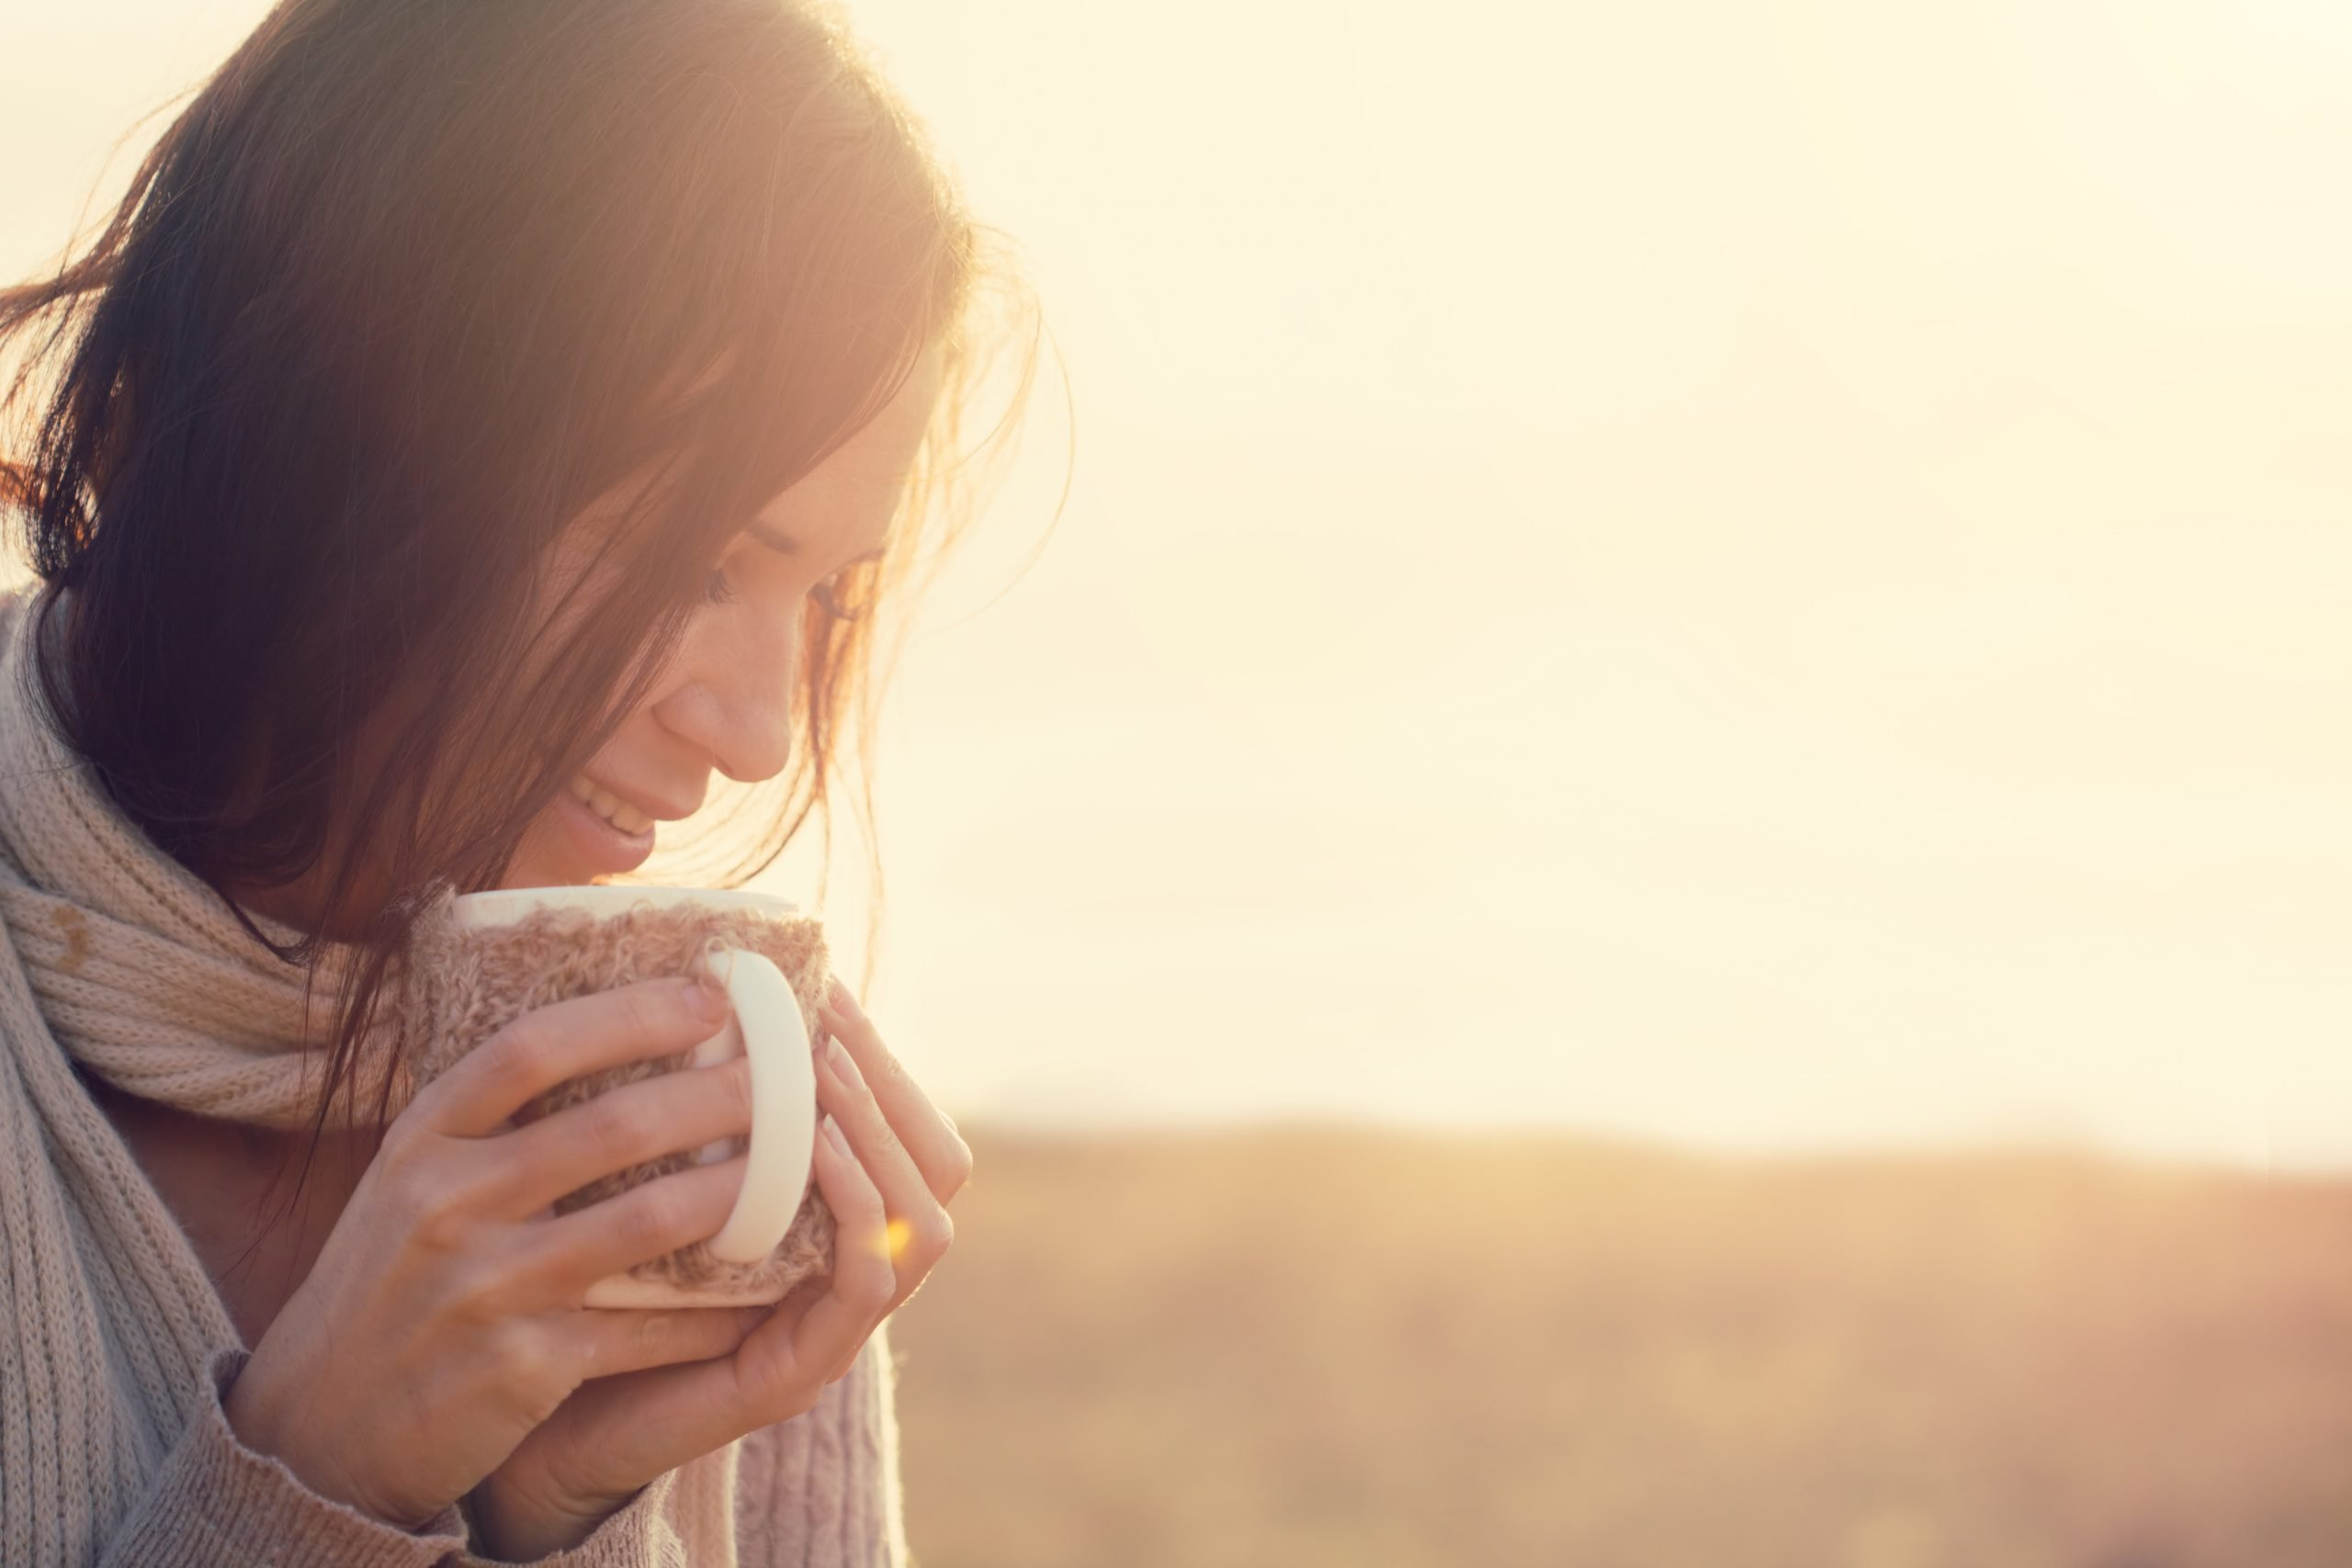 Αυτοφροντίδα Ψυχική υγεία: Επικεντρωθείτε στον εσωτερικό σας εαυτό για να ενισχύσετε τη διάθεσή σας